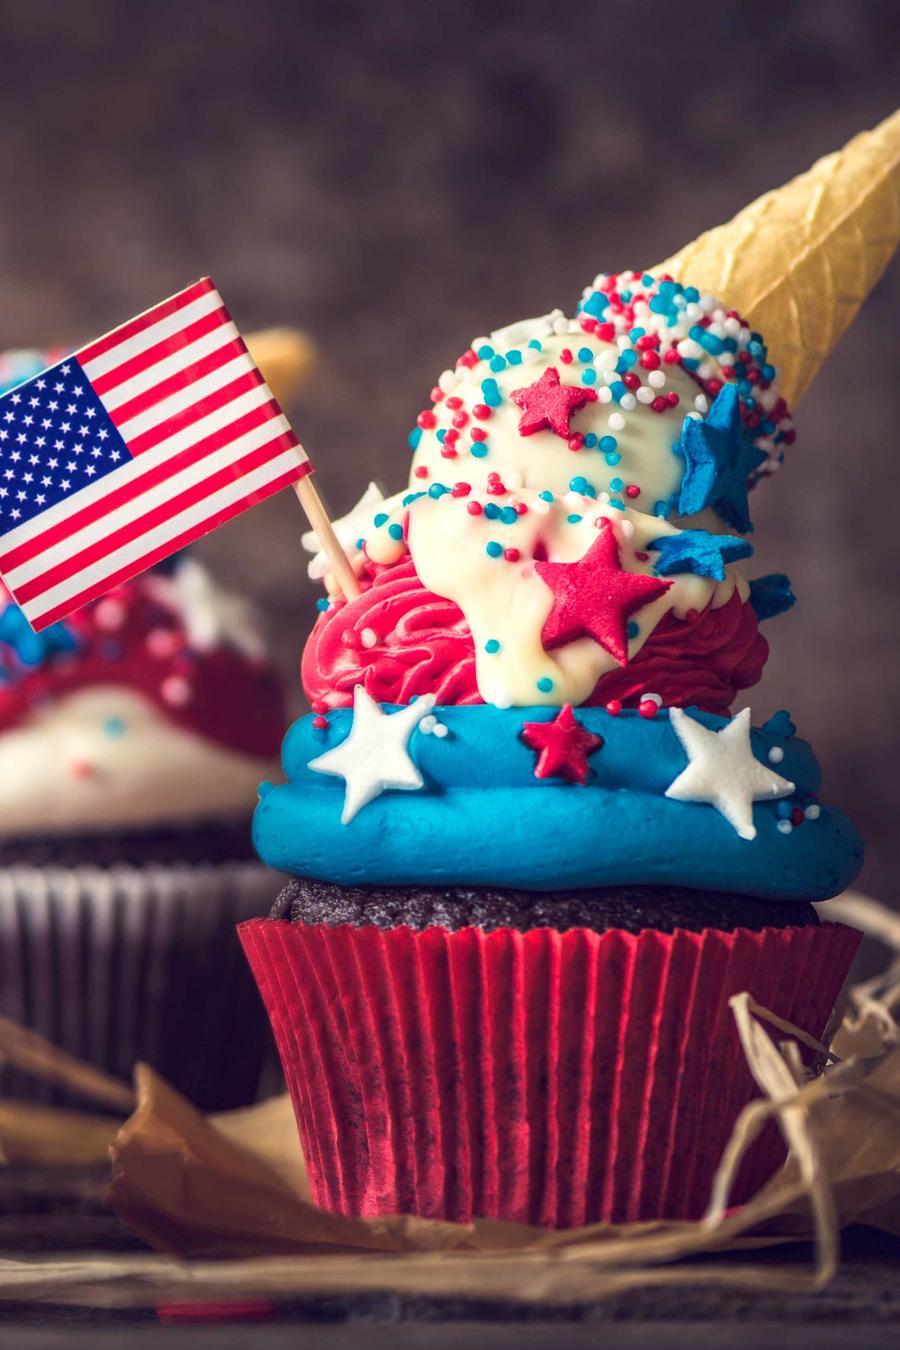 Cupcakes decorados con motivo del 4 de julio